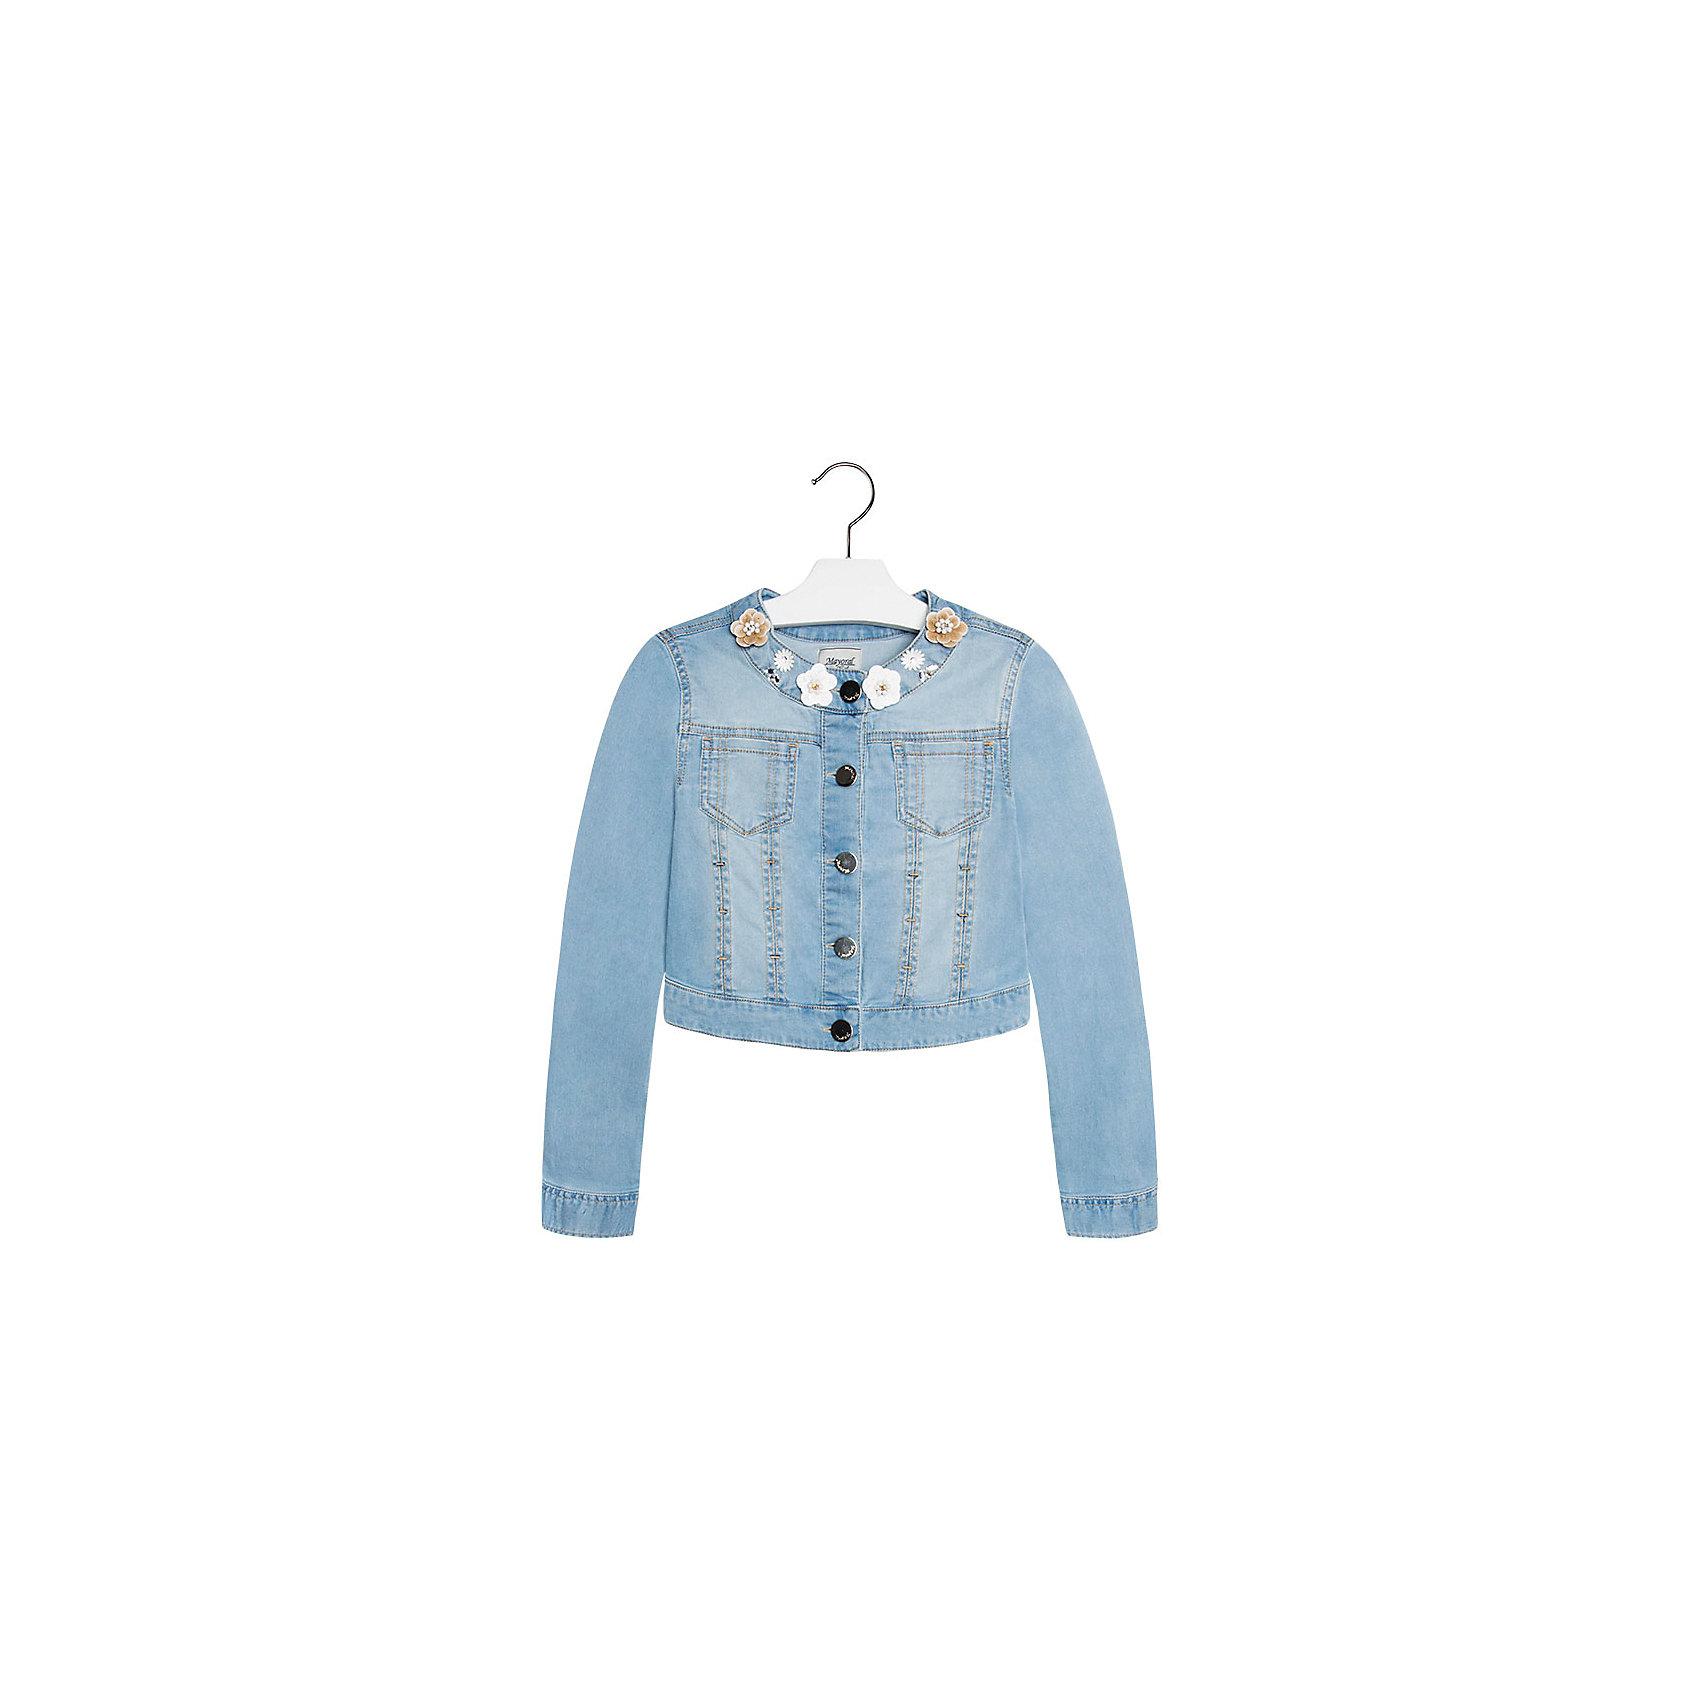 Куртка джинсовая для девочки MayoralВерхняя одежда<br>Куртка для девочки от известной испанской марки Mayoral подчеркнет индивидуальность юной модницы. <br><br>Дополнительная информация:<br><br>- Стильный дизайн.<br>- Застегивается на молнию.<br>- Манжеты рукавов на пуговицах.<br>- 2 кармана на груди.<br>- Аппликация в виде цветов.<br>- Ассиметричный низ (сзади короче). <br>- Состав: 98% хлопок, 2% эластан. <br><br>Куртку для девочки Mayoral (Майорал) можно купить в нашем магазине.<br><br>Ширина мм: 356<br>Глубина мм: 10<br>Высота мм: 245<br>Вес г: 519<br>Цвет: синий<br>Возраст от месяцев: 108<br>Возраст до месяцев: 120<br>Пол: Женский<br>Возраст: Детский<br>Размер: 140,152,158,164,128,170<br>SKU: 4538510